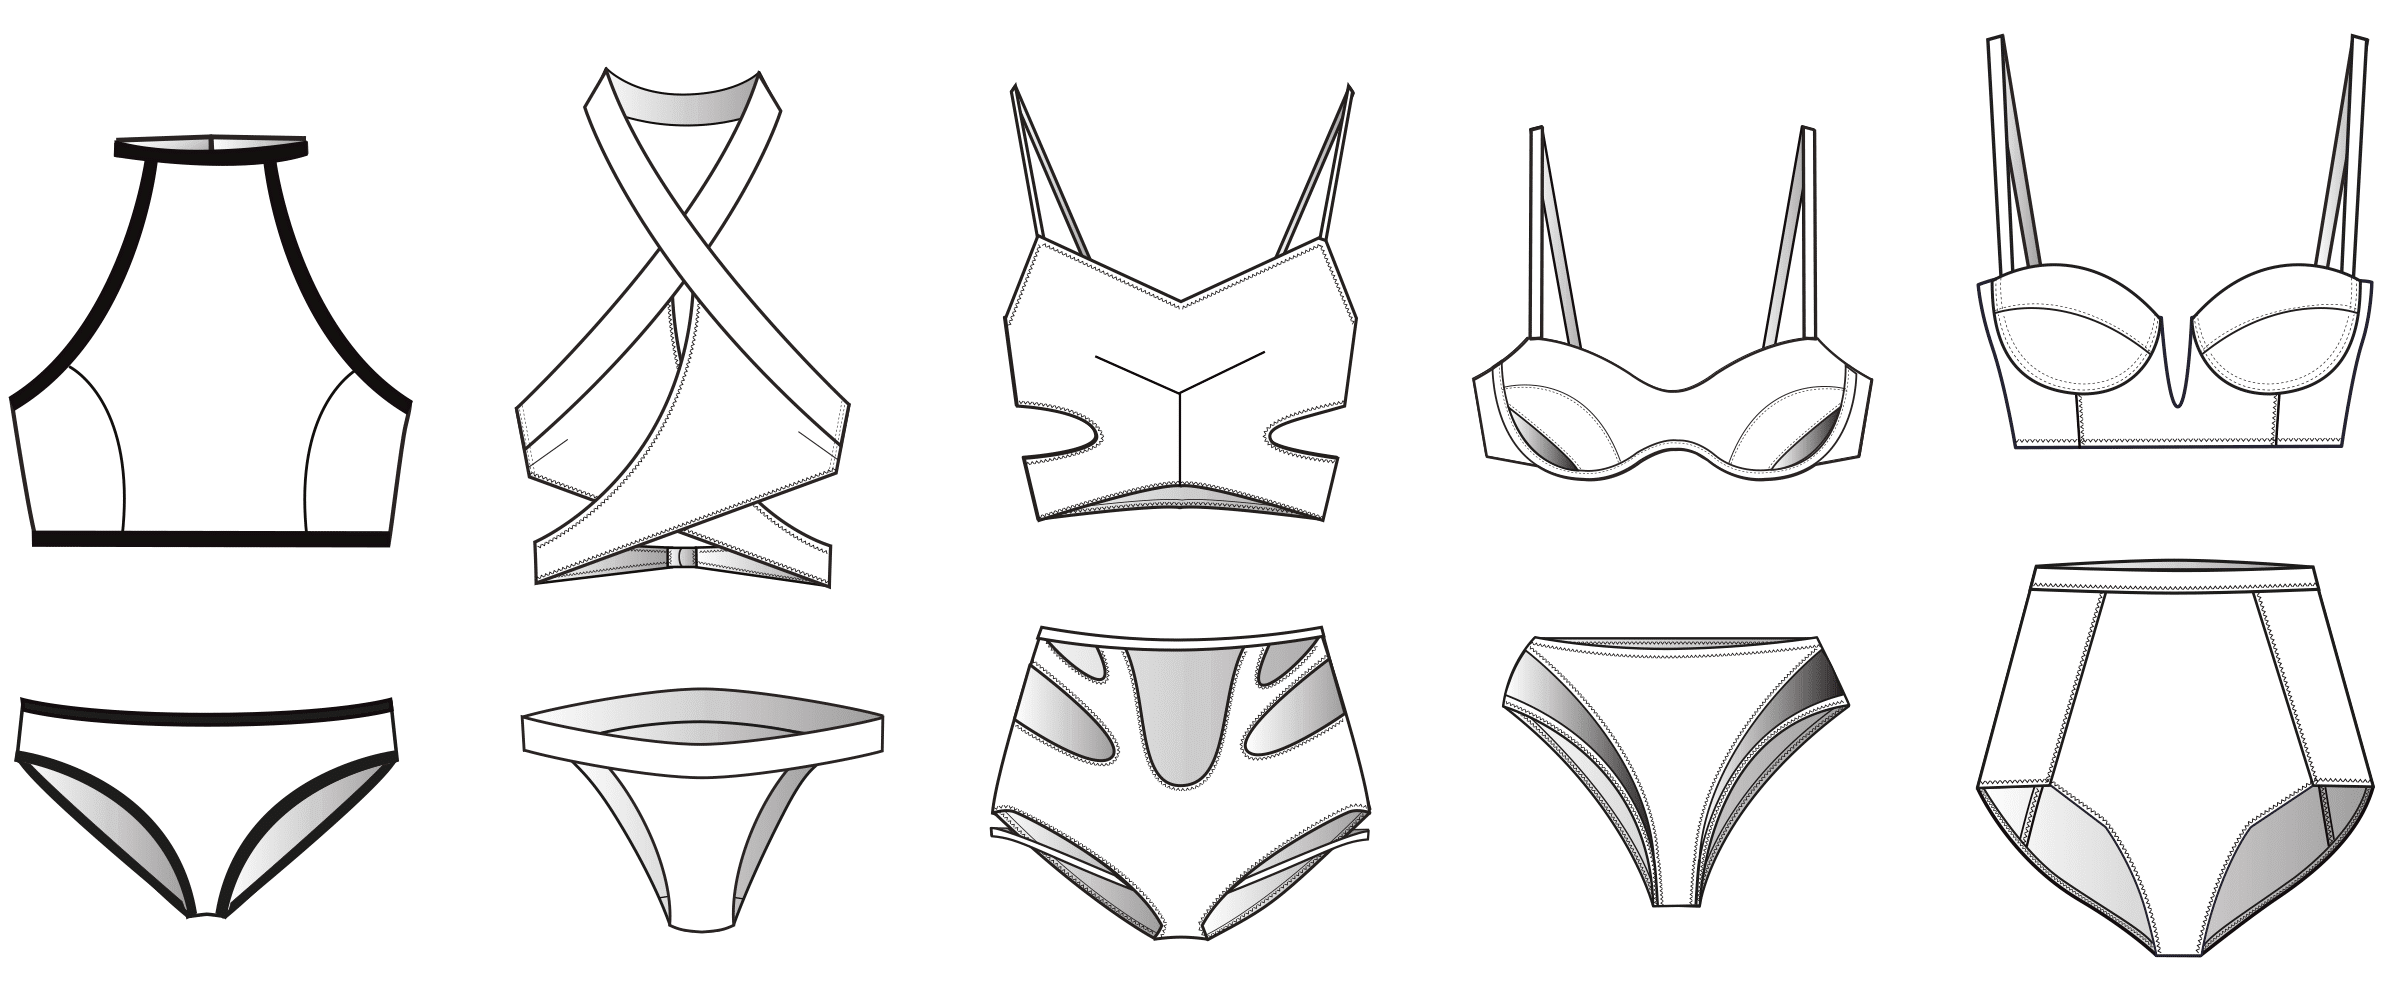 Alle technischen Zeichnungen der Bademode sind abgebildet. Alle Zeichnungen werden schnittttechnisch umgesetzt.